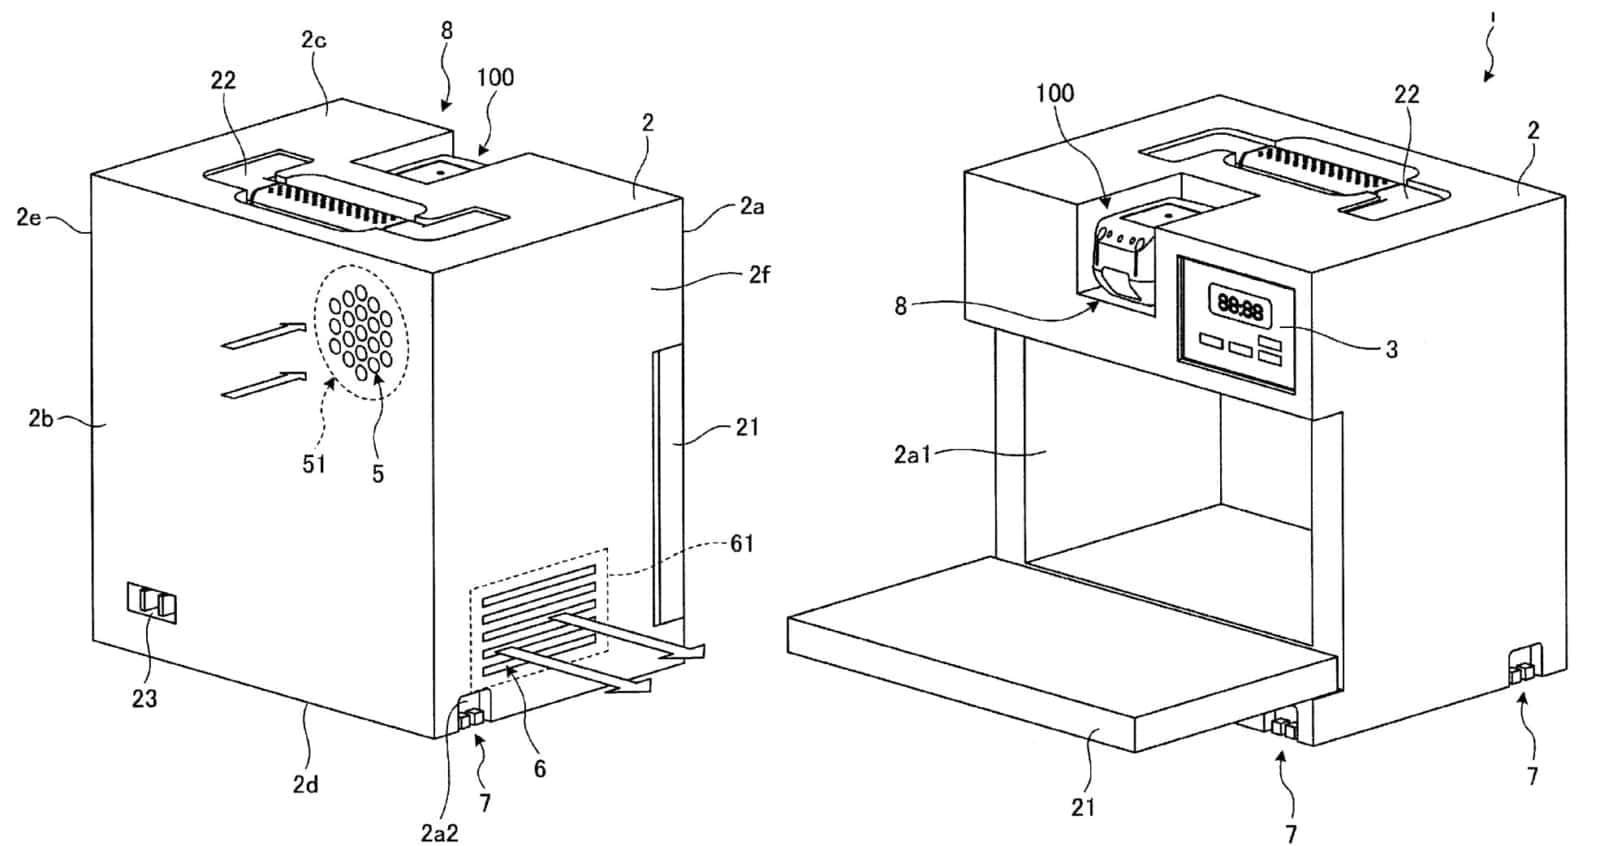 マキタ 電子レンジや電動釘打ち機など新市場参入特許を紹介